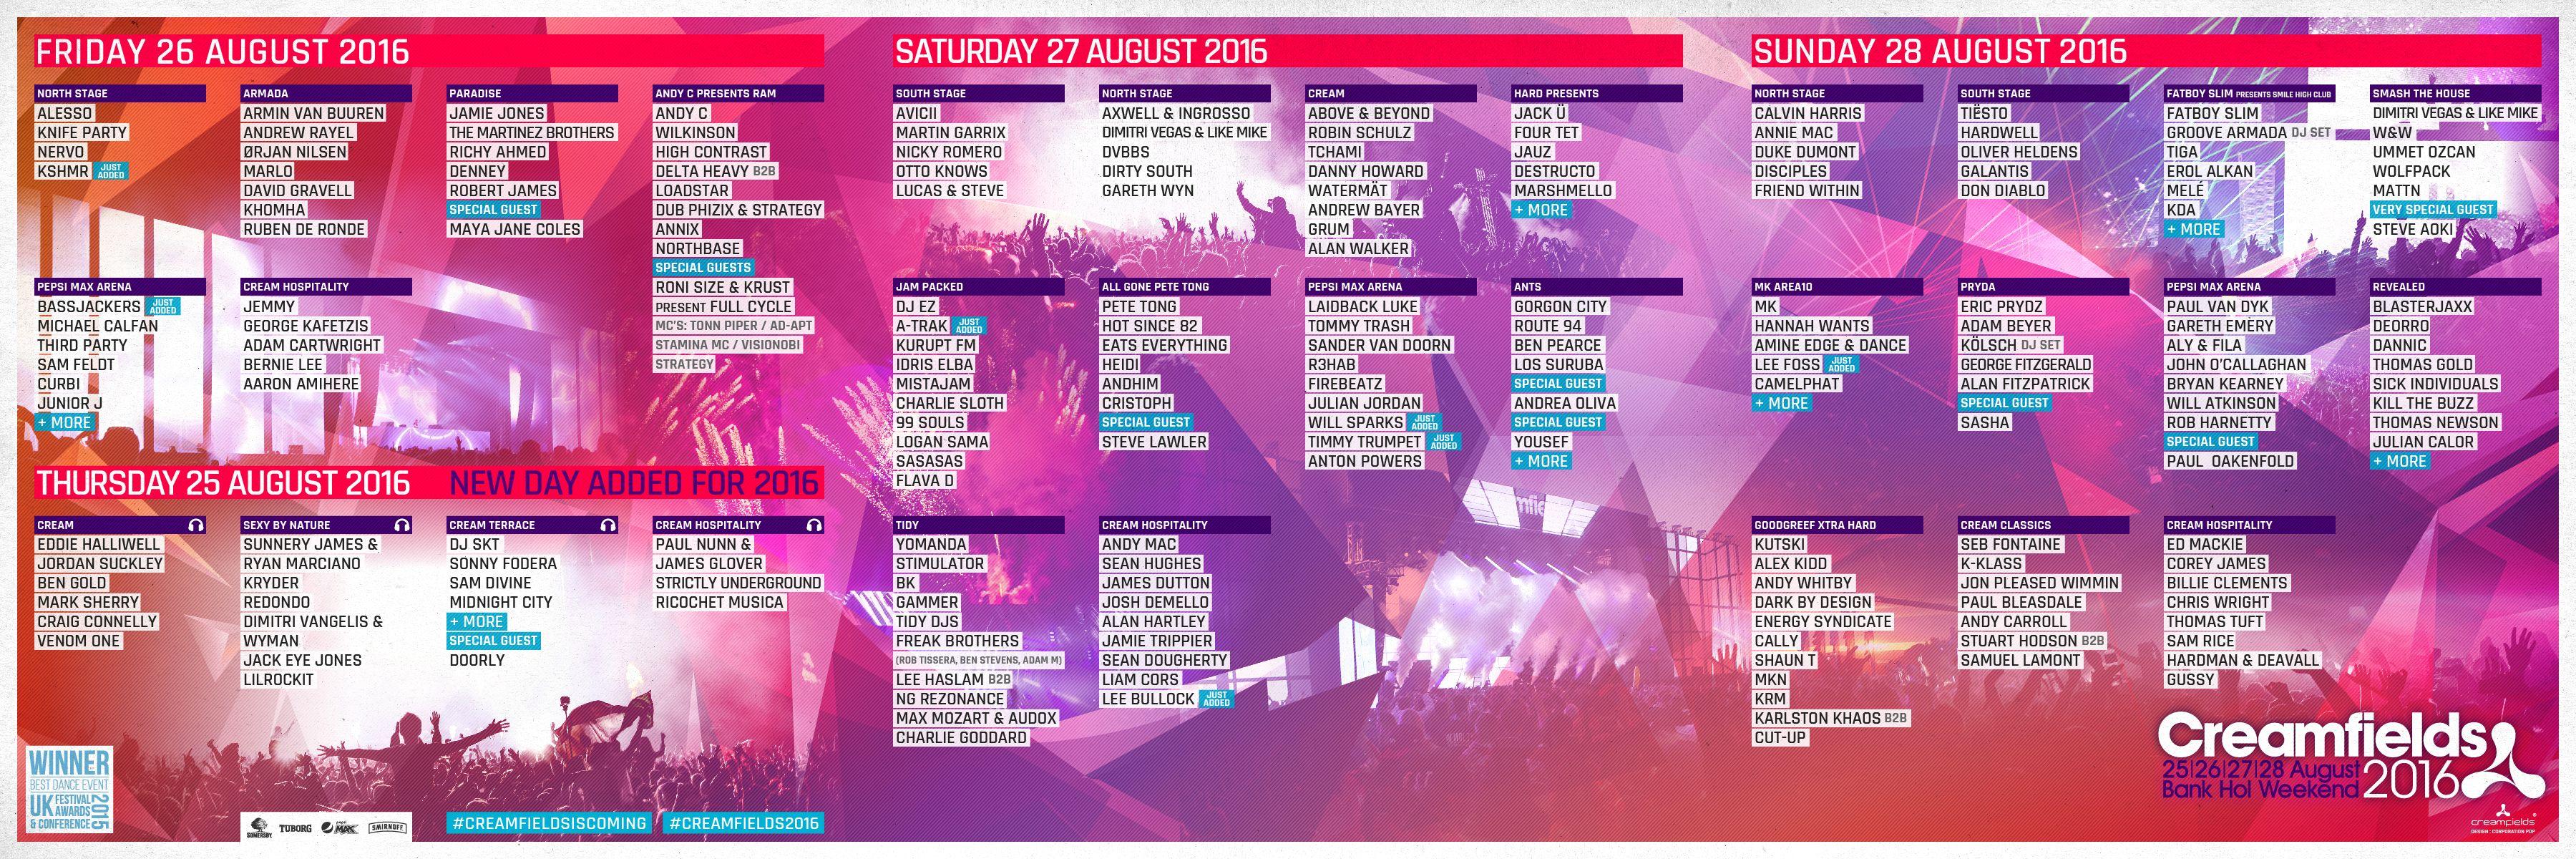 Creamfields 2016 full line-up | Posters | Thursday, Sunday